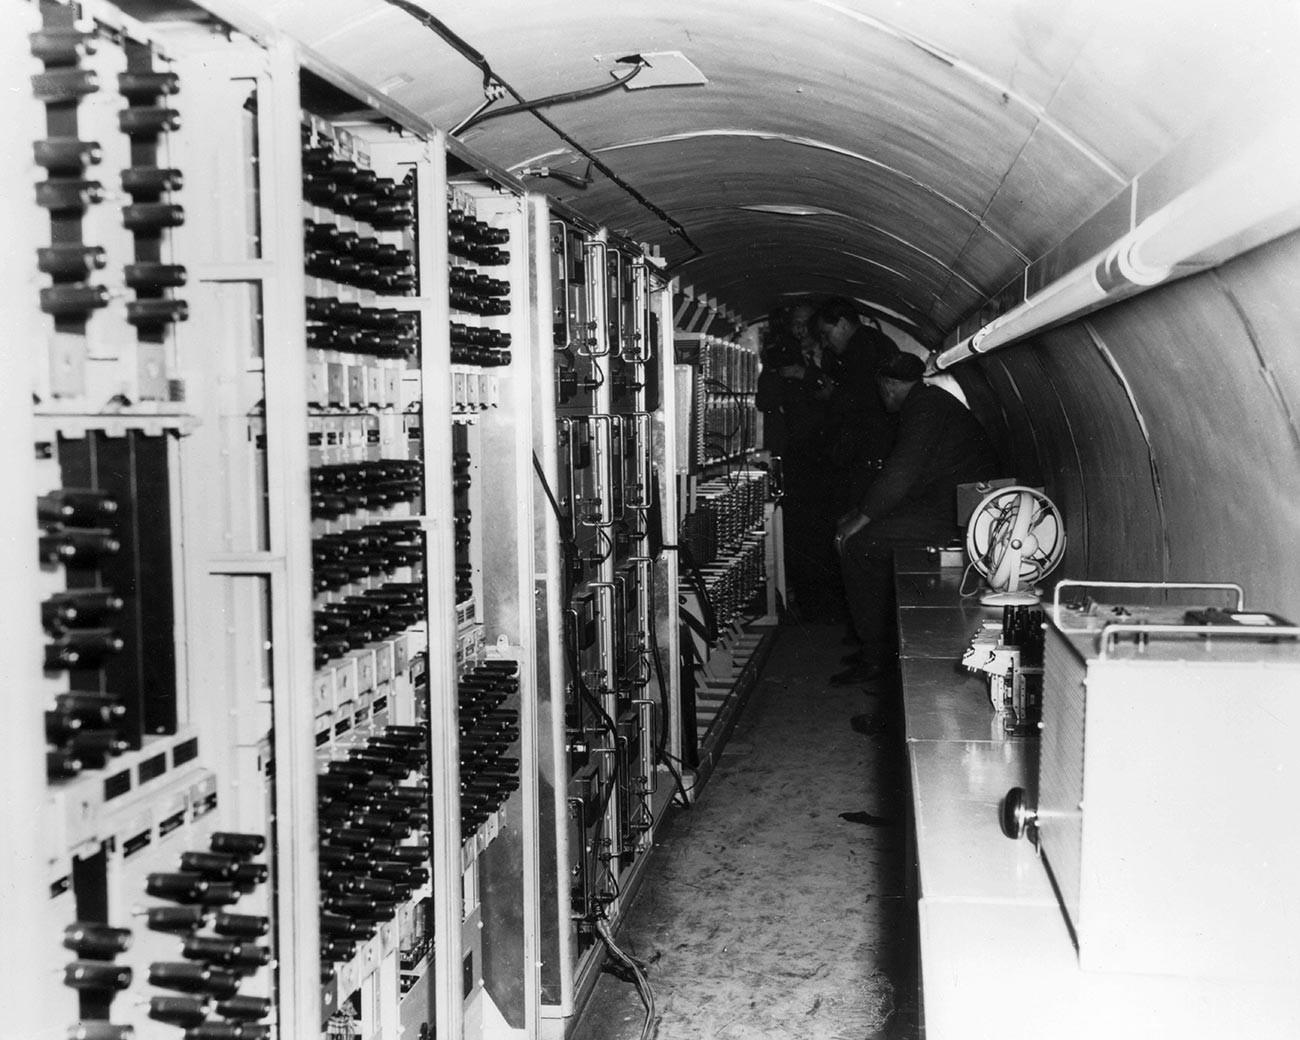 在独ソビエト軍参謀の電話通信に極秘裏に接続するため地下トンネル